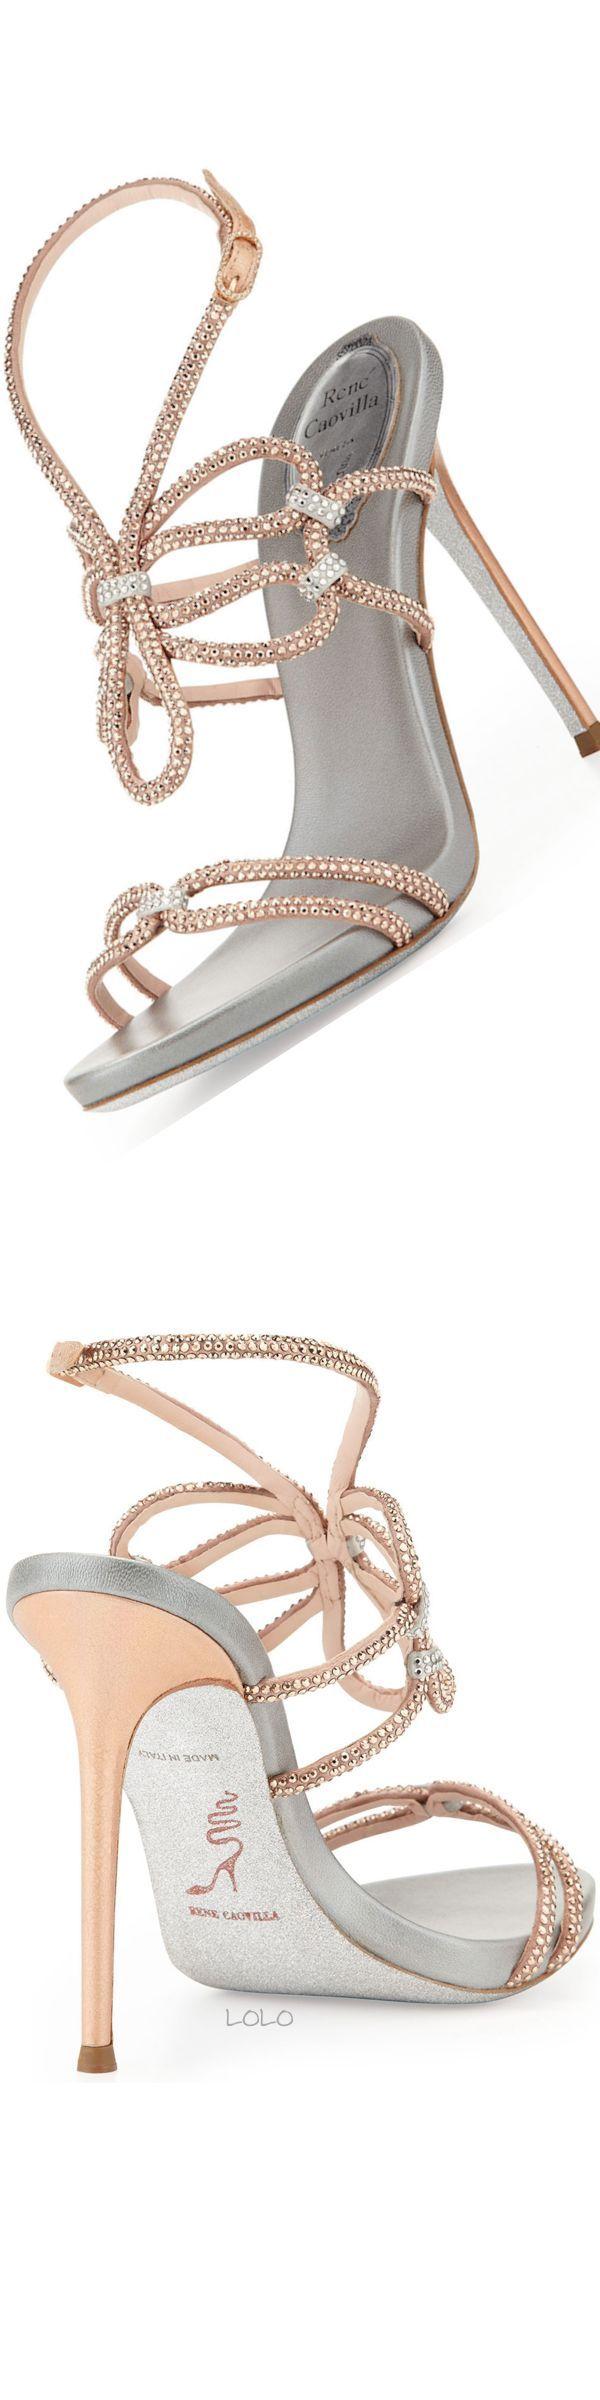 Rosamaria G Frangini | High Shoes | ShoeAddict | Rene Caovilla